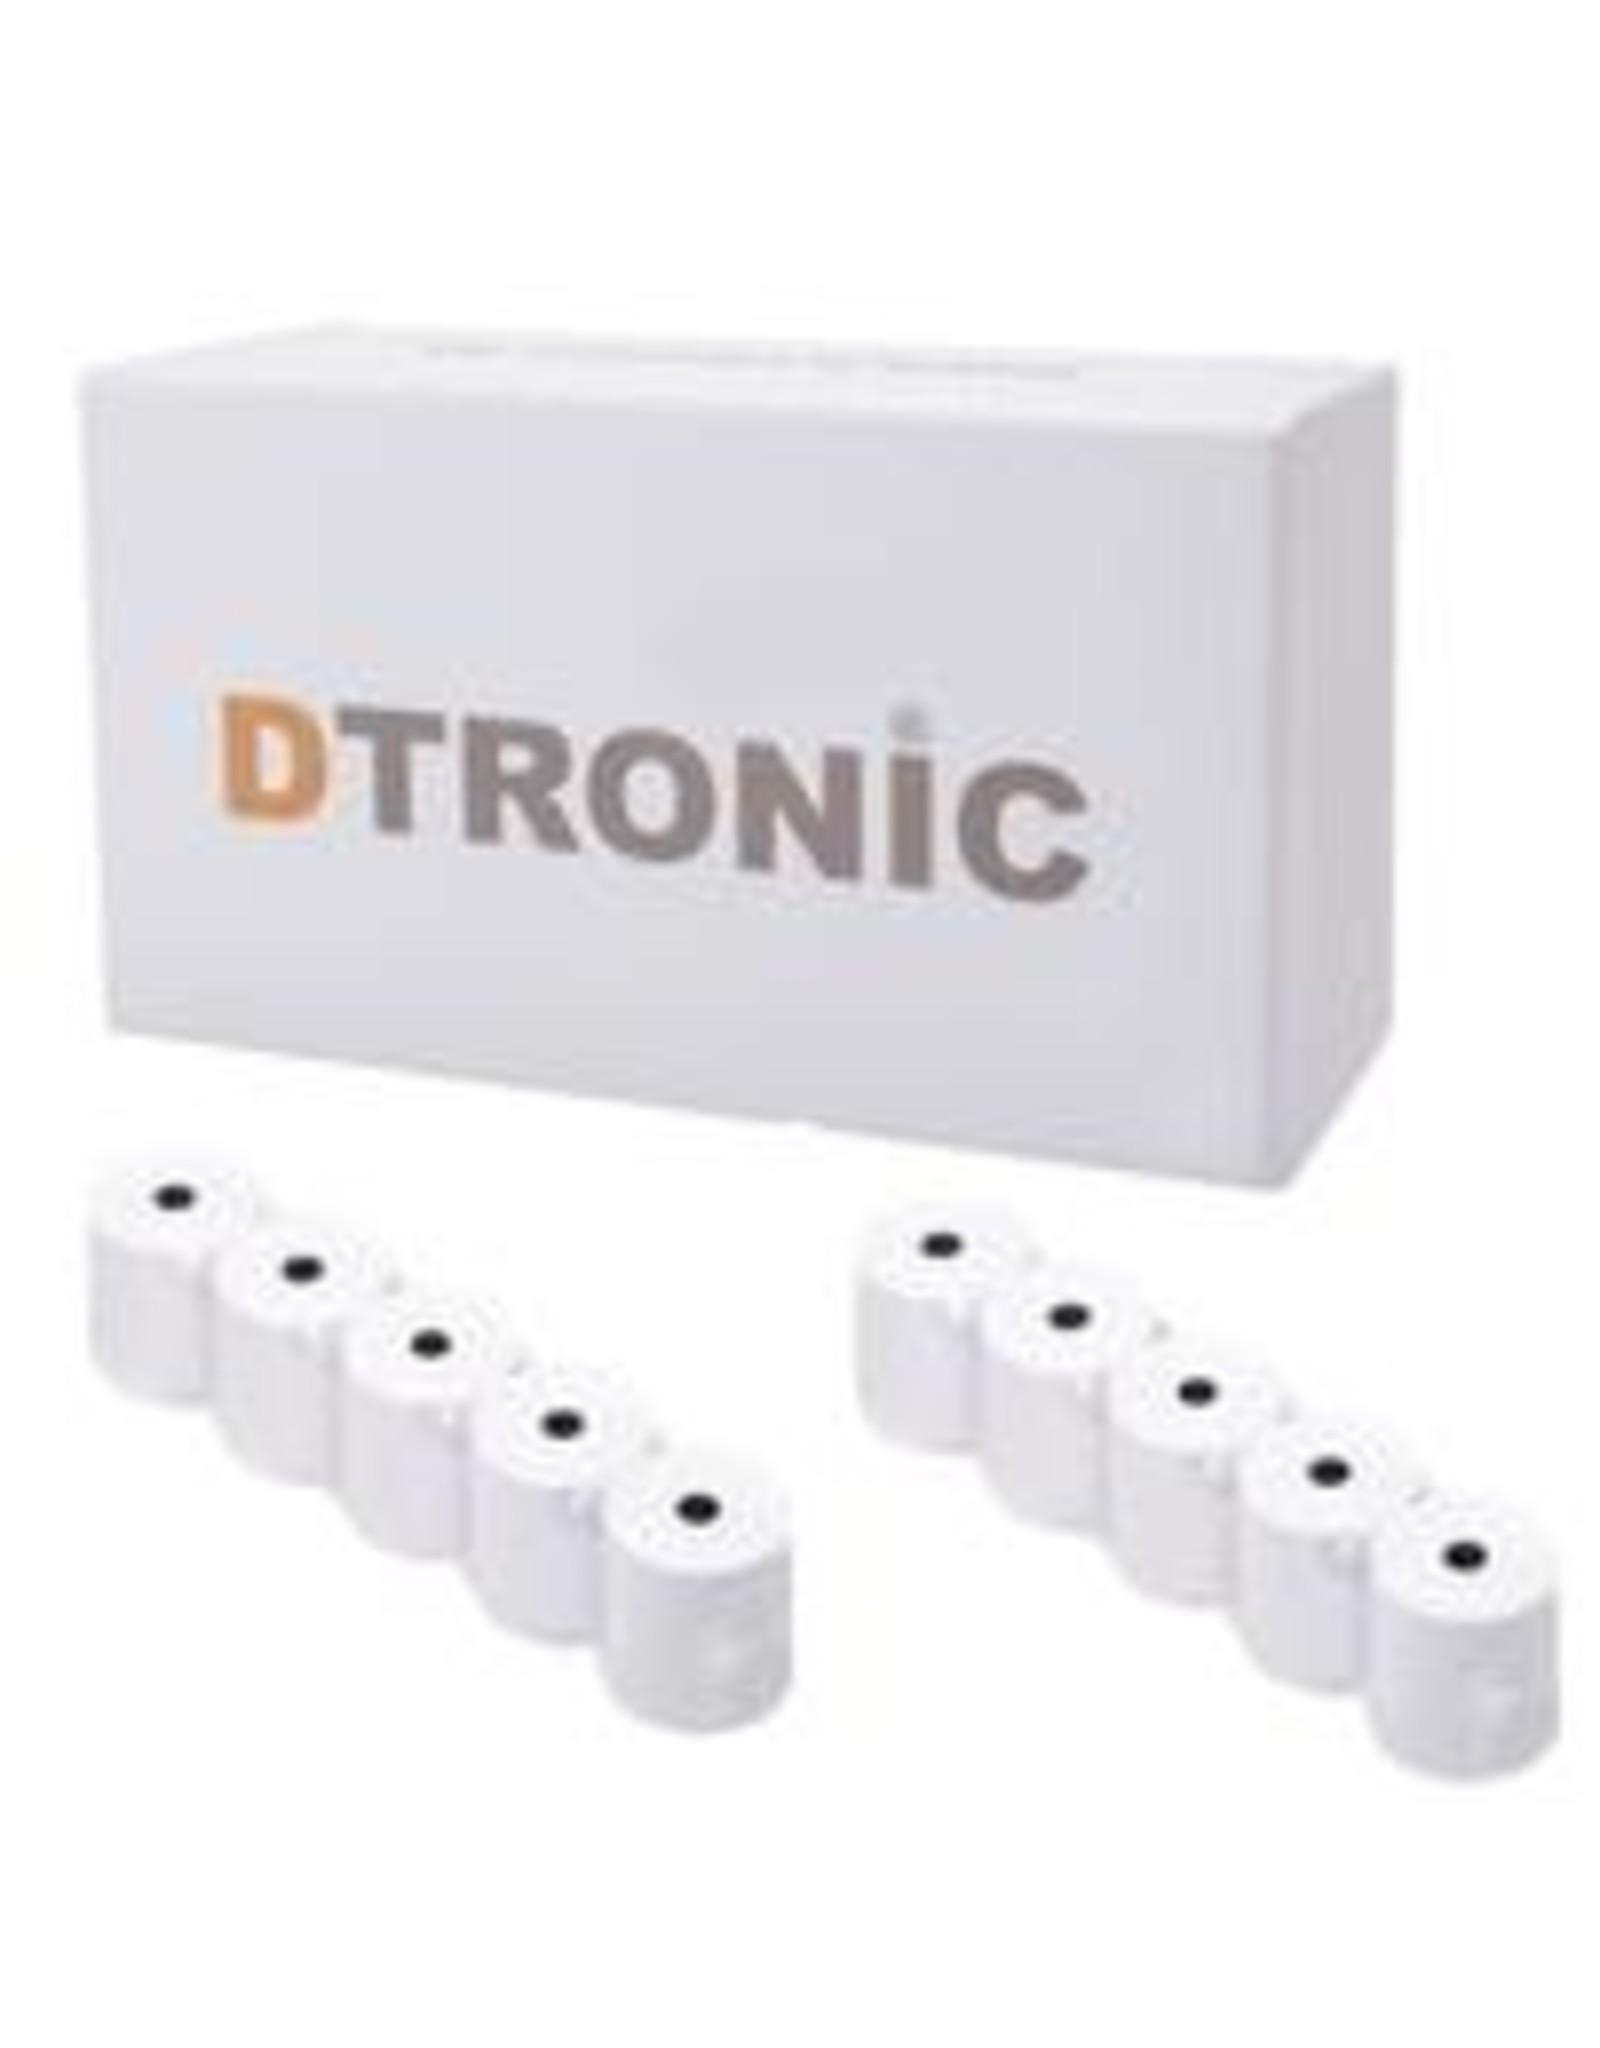 DTRONIC DTRONIC - ST16